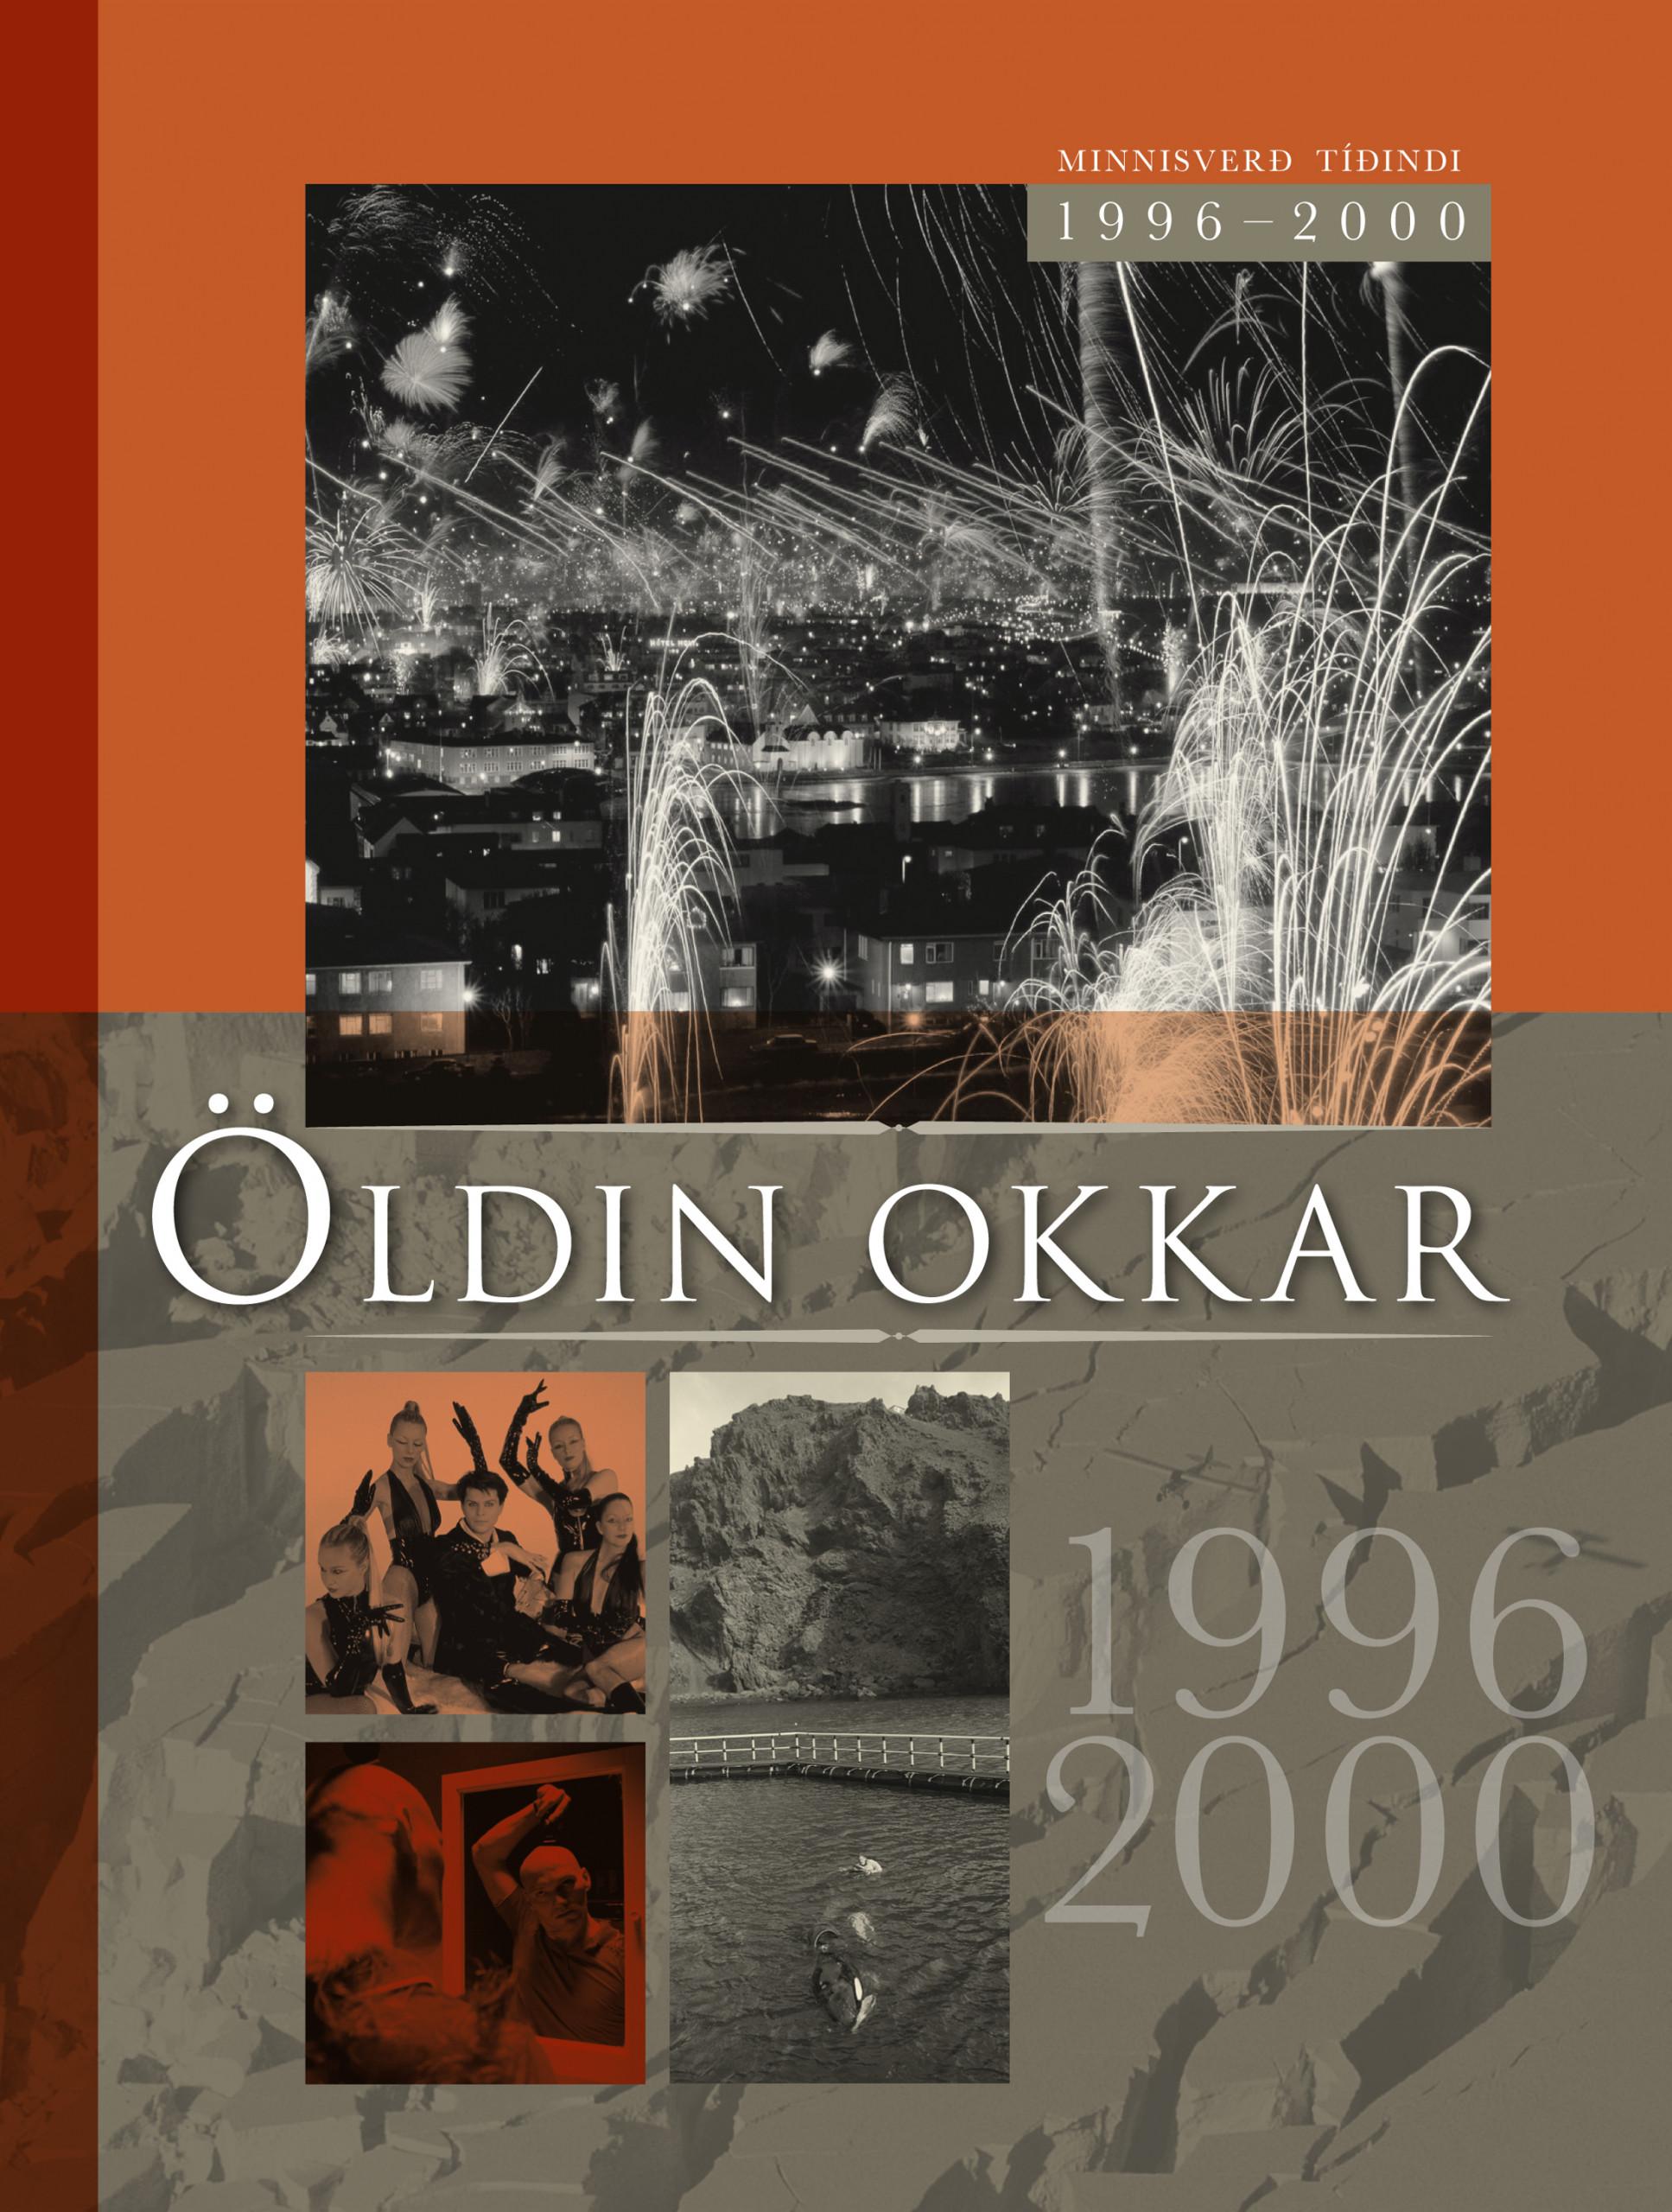 Öldin okkar 1996-2000